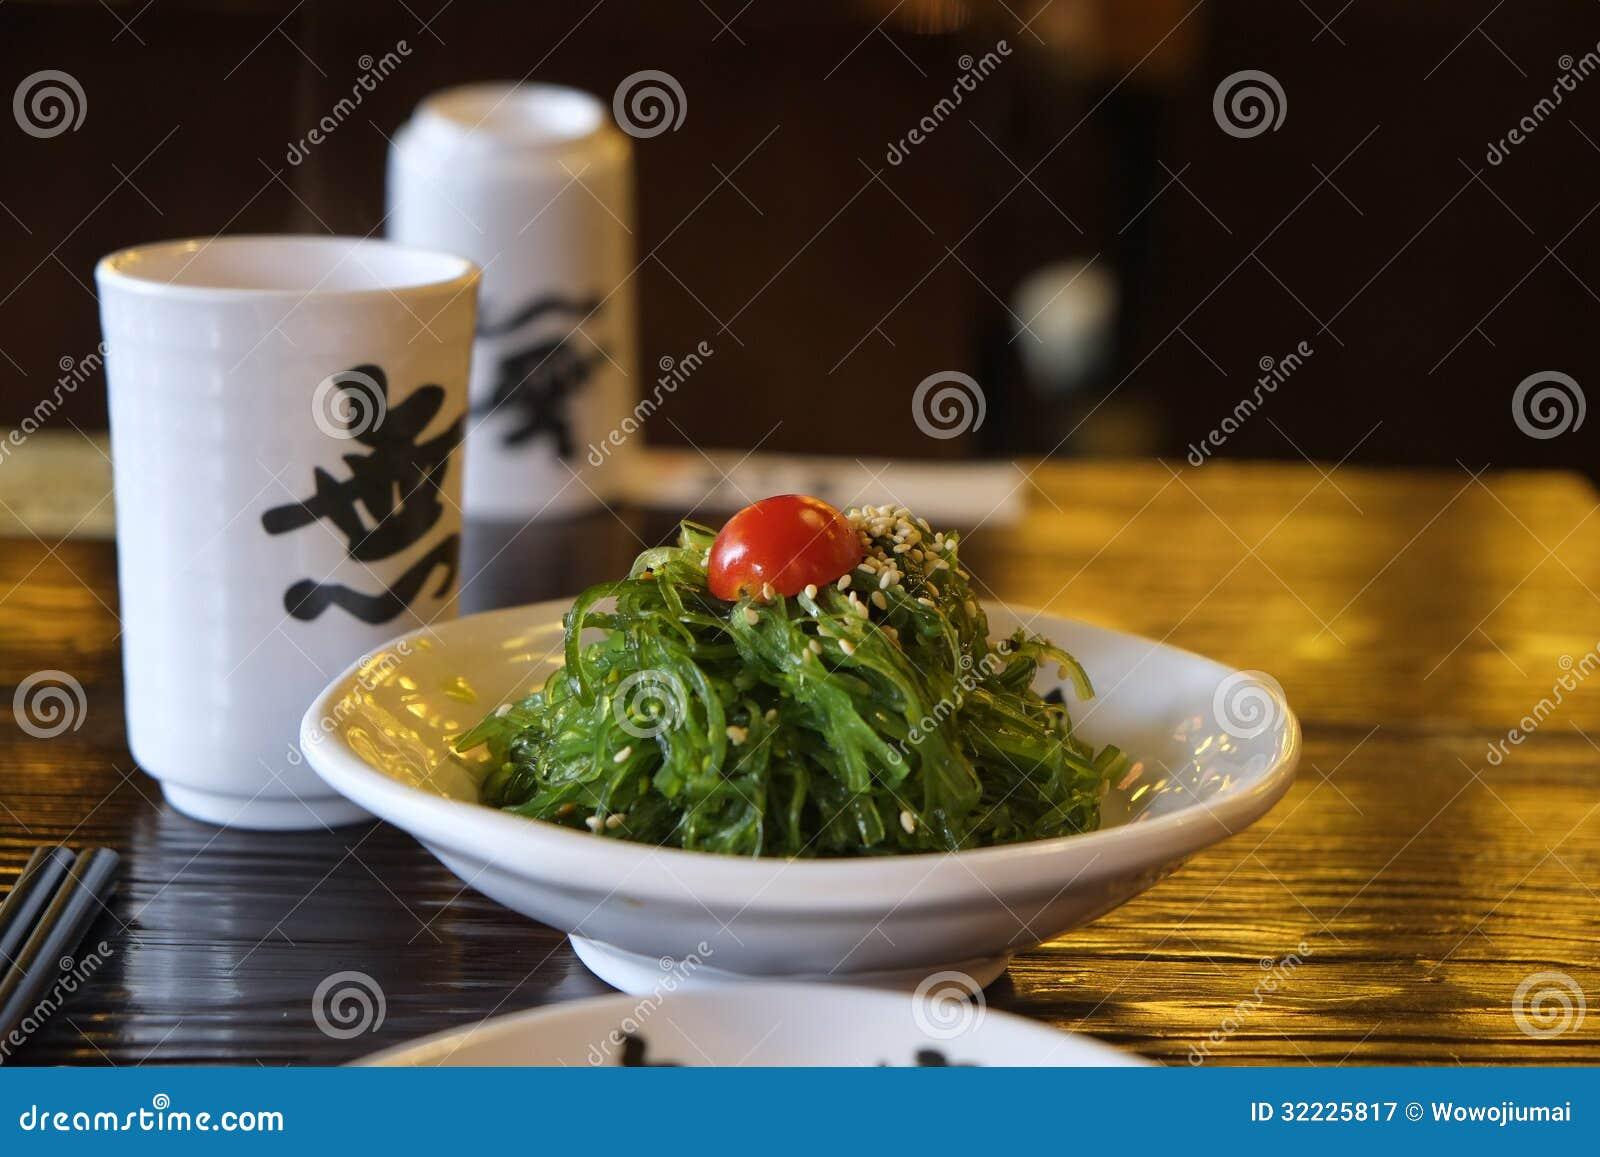 Download Alga do prato frio imagem de stock. Imagem de alimento - 32225817